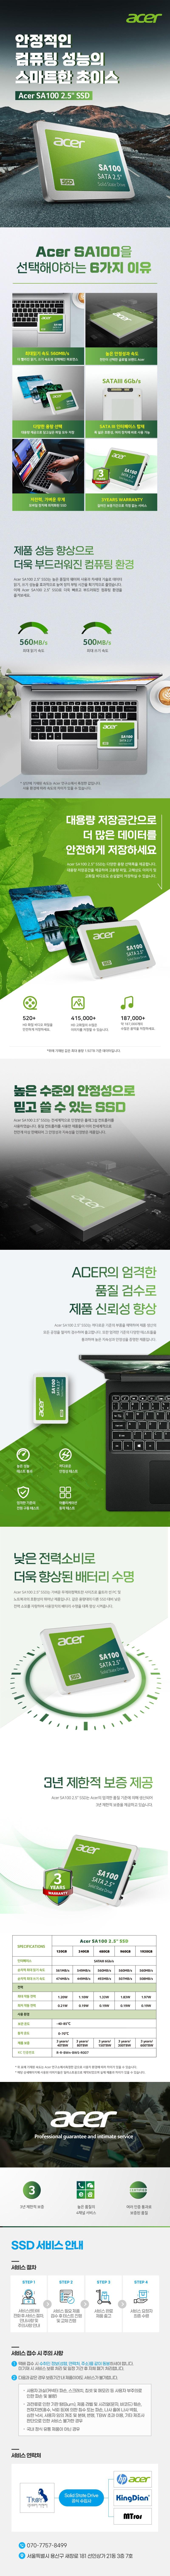 ACER SA100 (240GB)